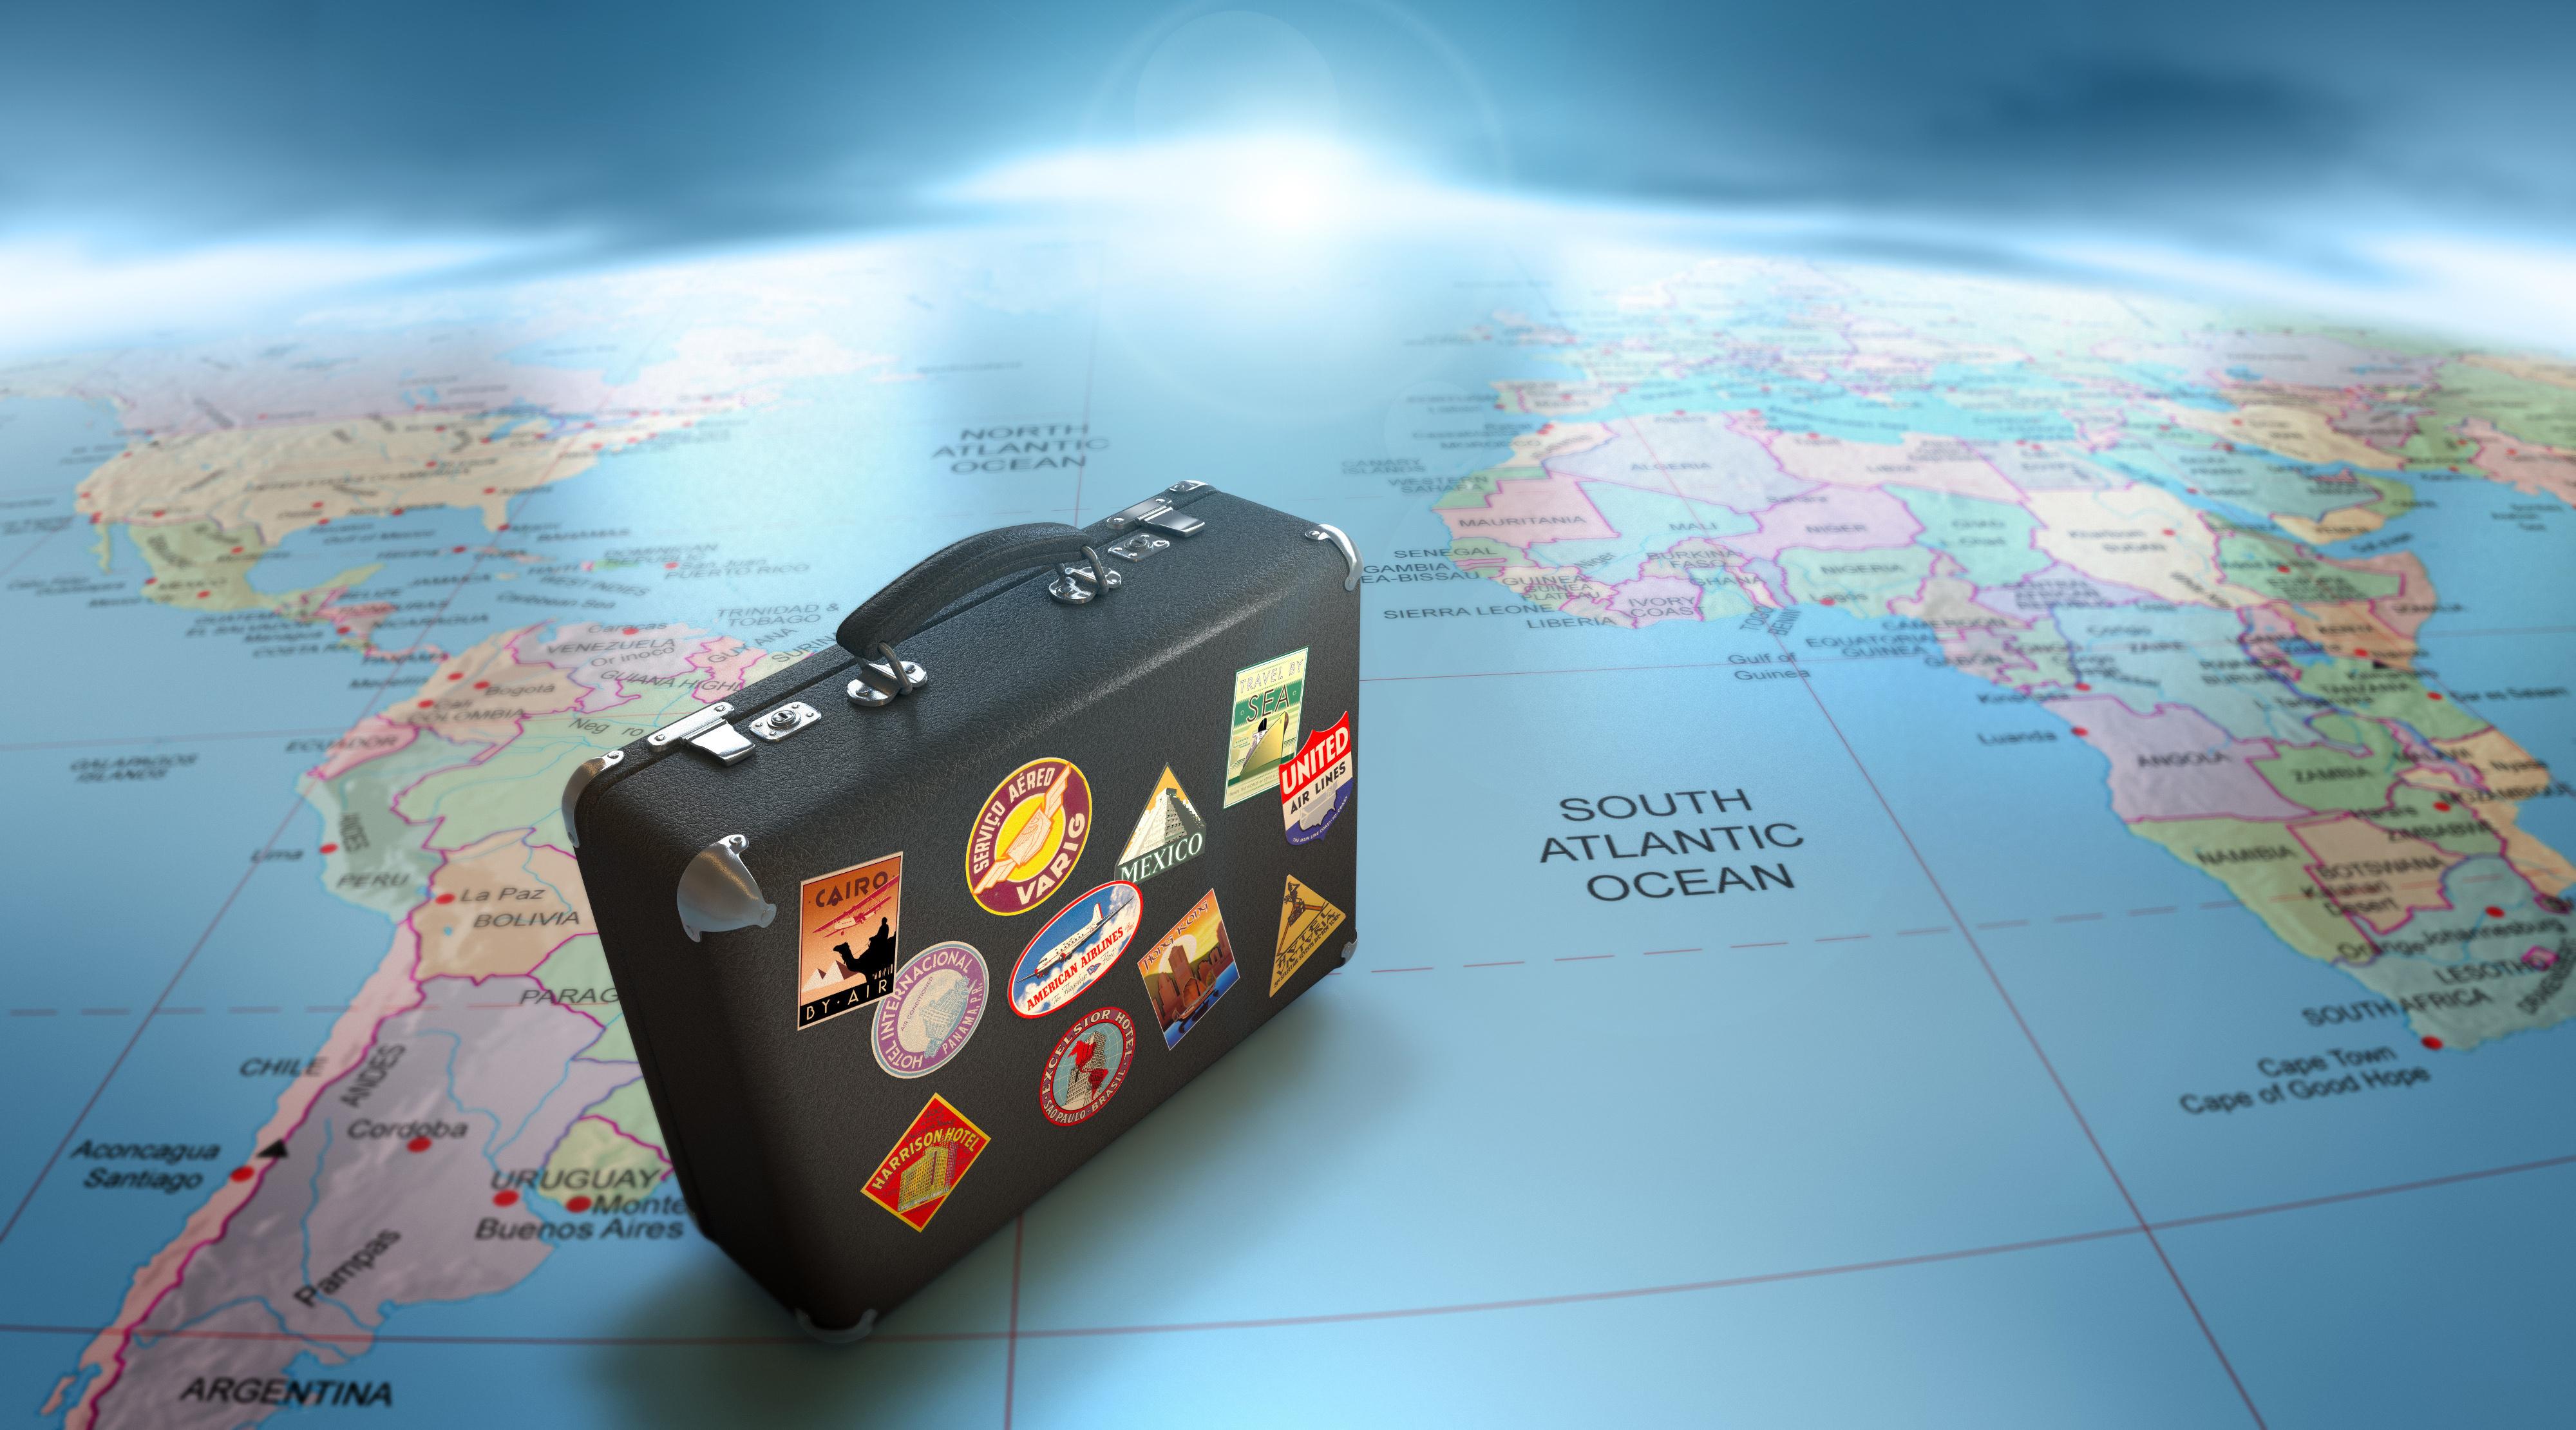 чемодан, путешественника, наклейки